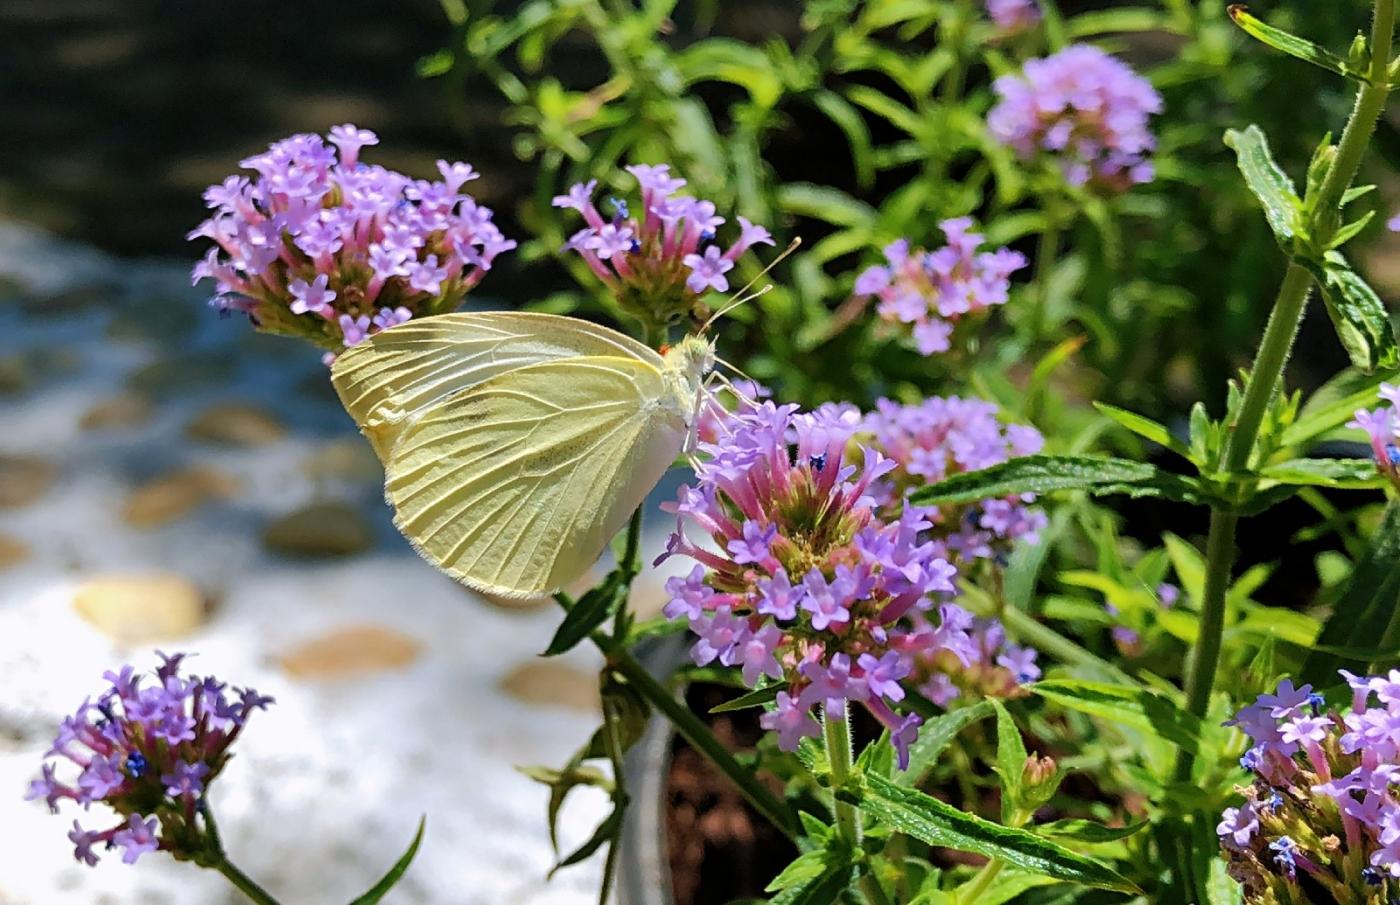 【田螺随拍】我种了马鞭草蝴蝶就来了_图1-18